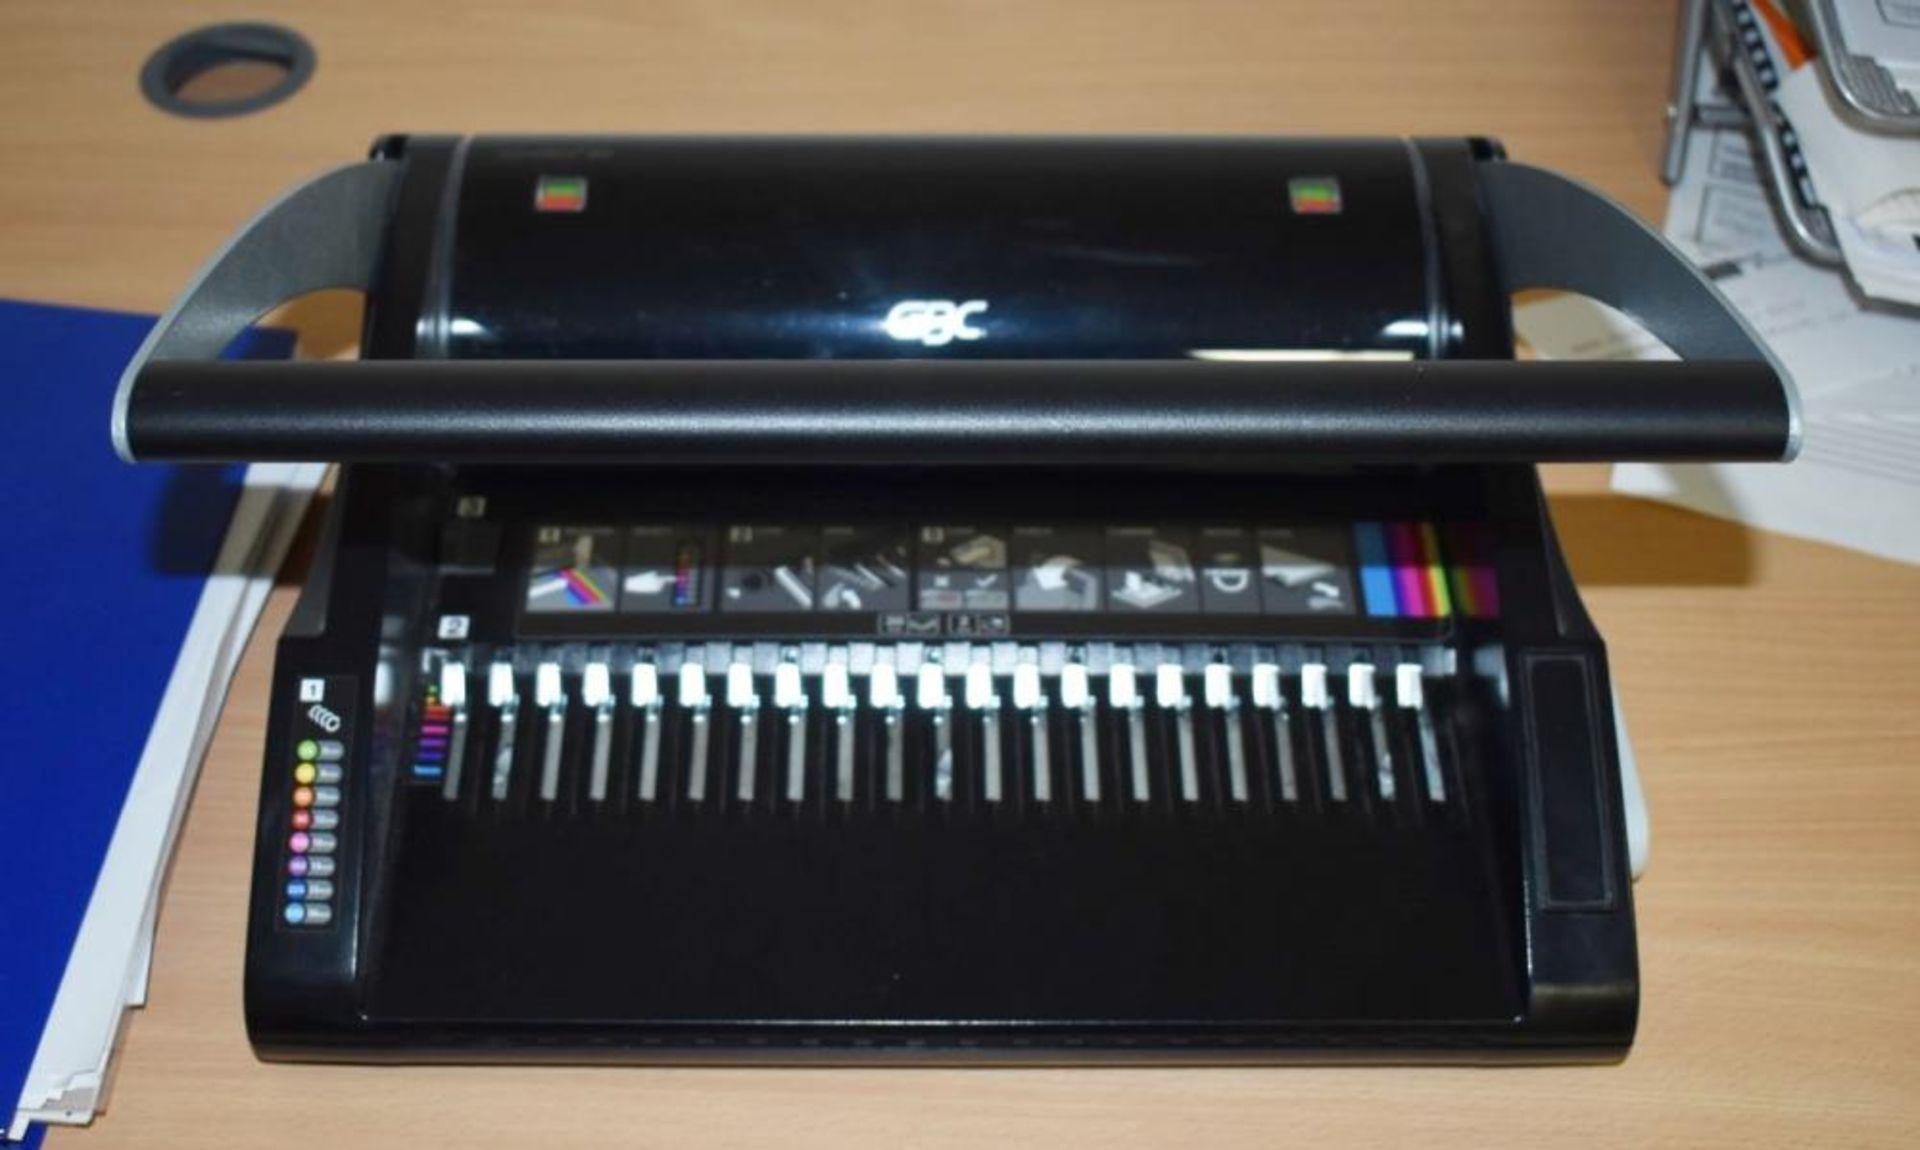 Lot 390 - 1 x GBC Combind 200 Office Paper Binder - CL490 - Location: Putney, London, SW15 Auction details: